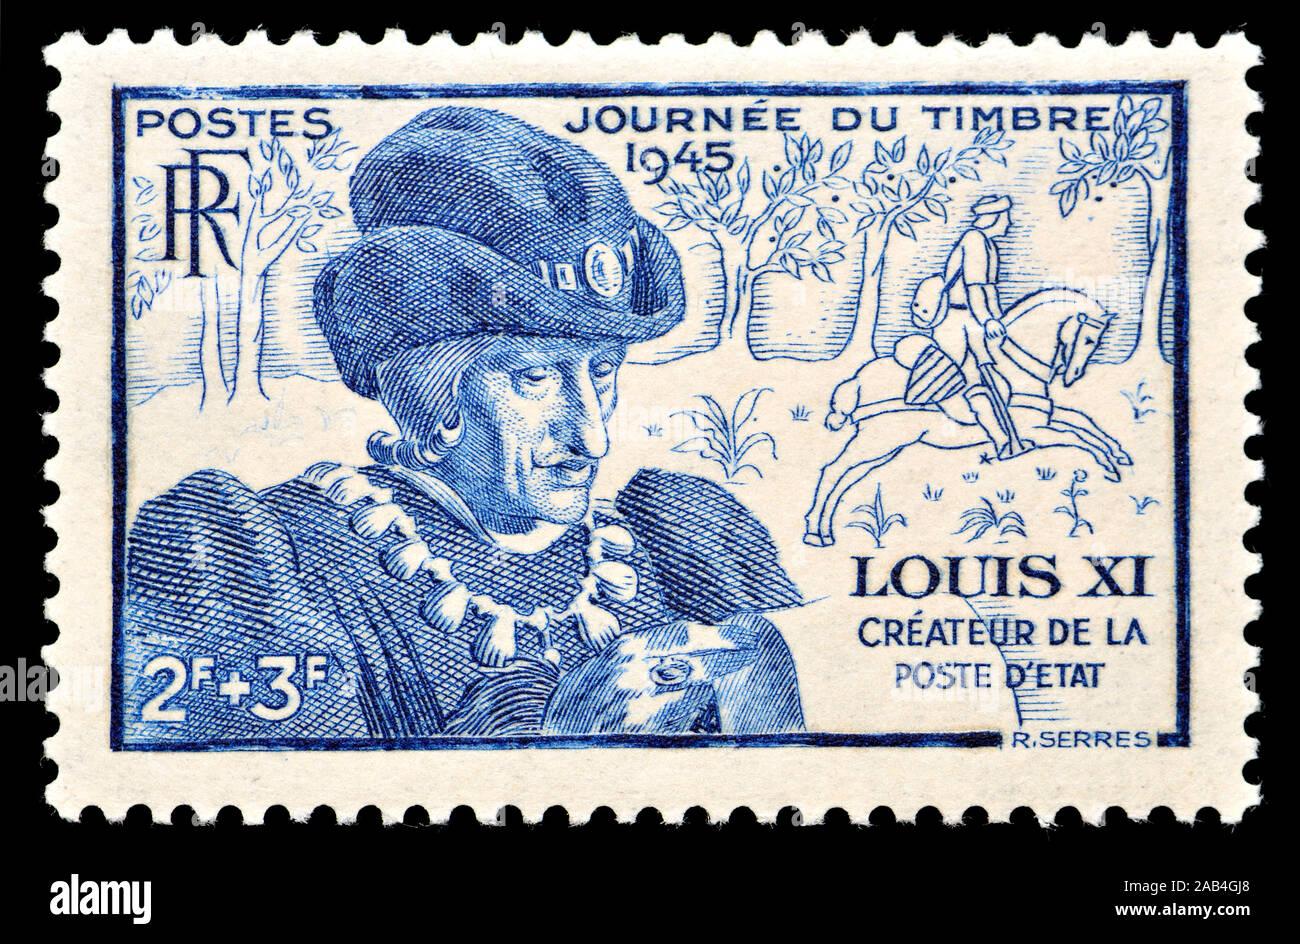 Timbre-poste français (1945): Le roi Louis XI (1423 - 1483) 'Louis la prudence' (le Sage), Roi de France de 1461 à 1483. Banque D'Images